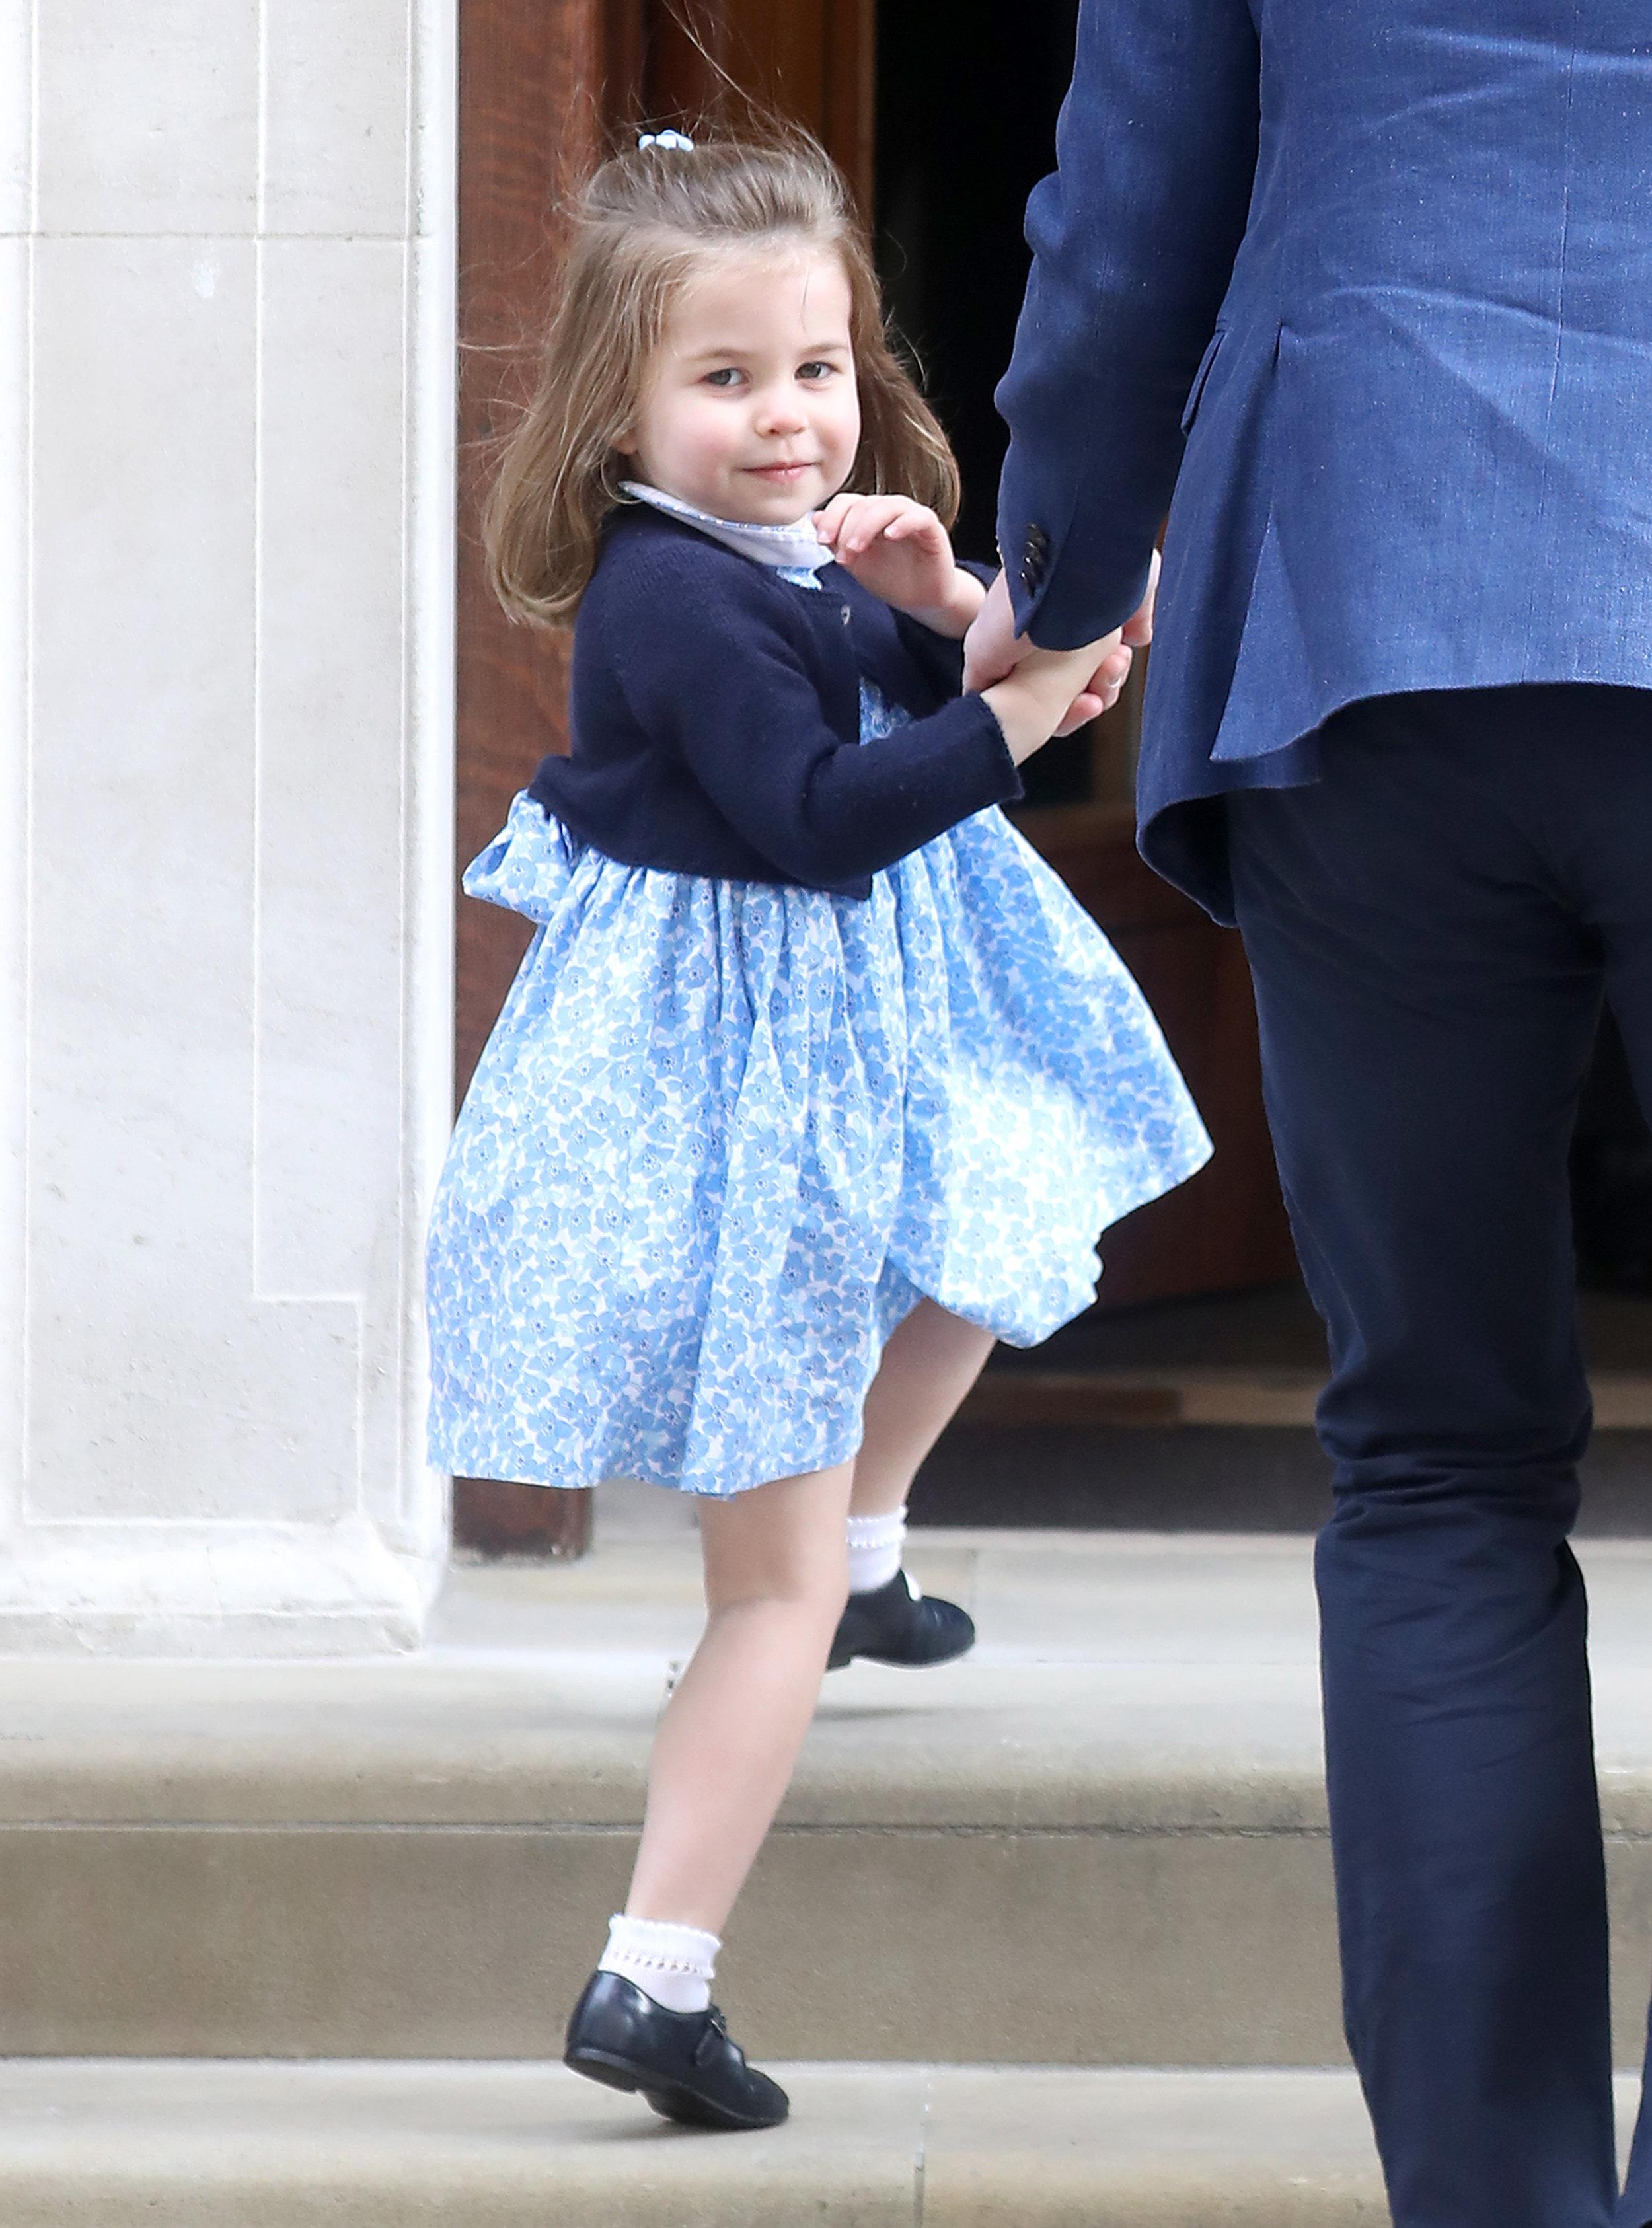 """Besuch im Krankenhaus beim neugeborenen Prinz Louis. Prinzessin Charlotte trägt ein Kleid von """"Little Alice London"""". Die Firma gehört einer alten Schulfreundin von Herzogin Kate.  ©Getty Images"""